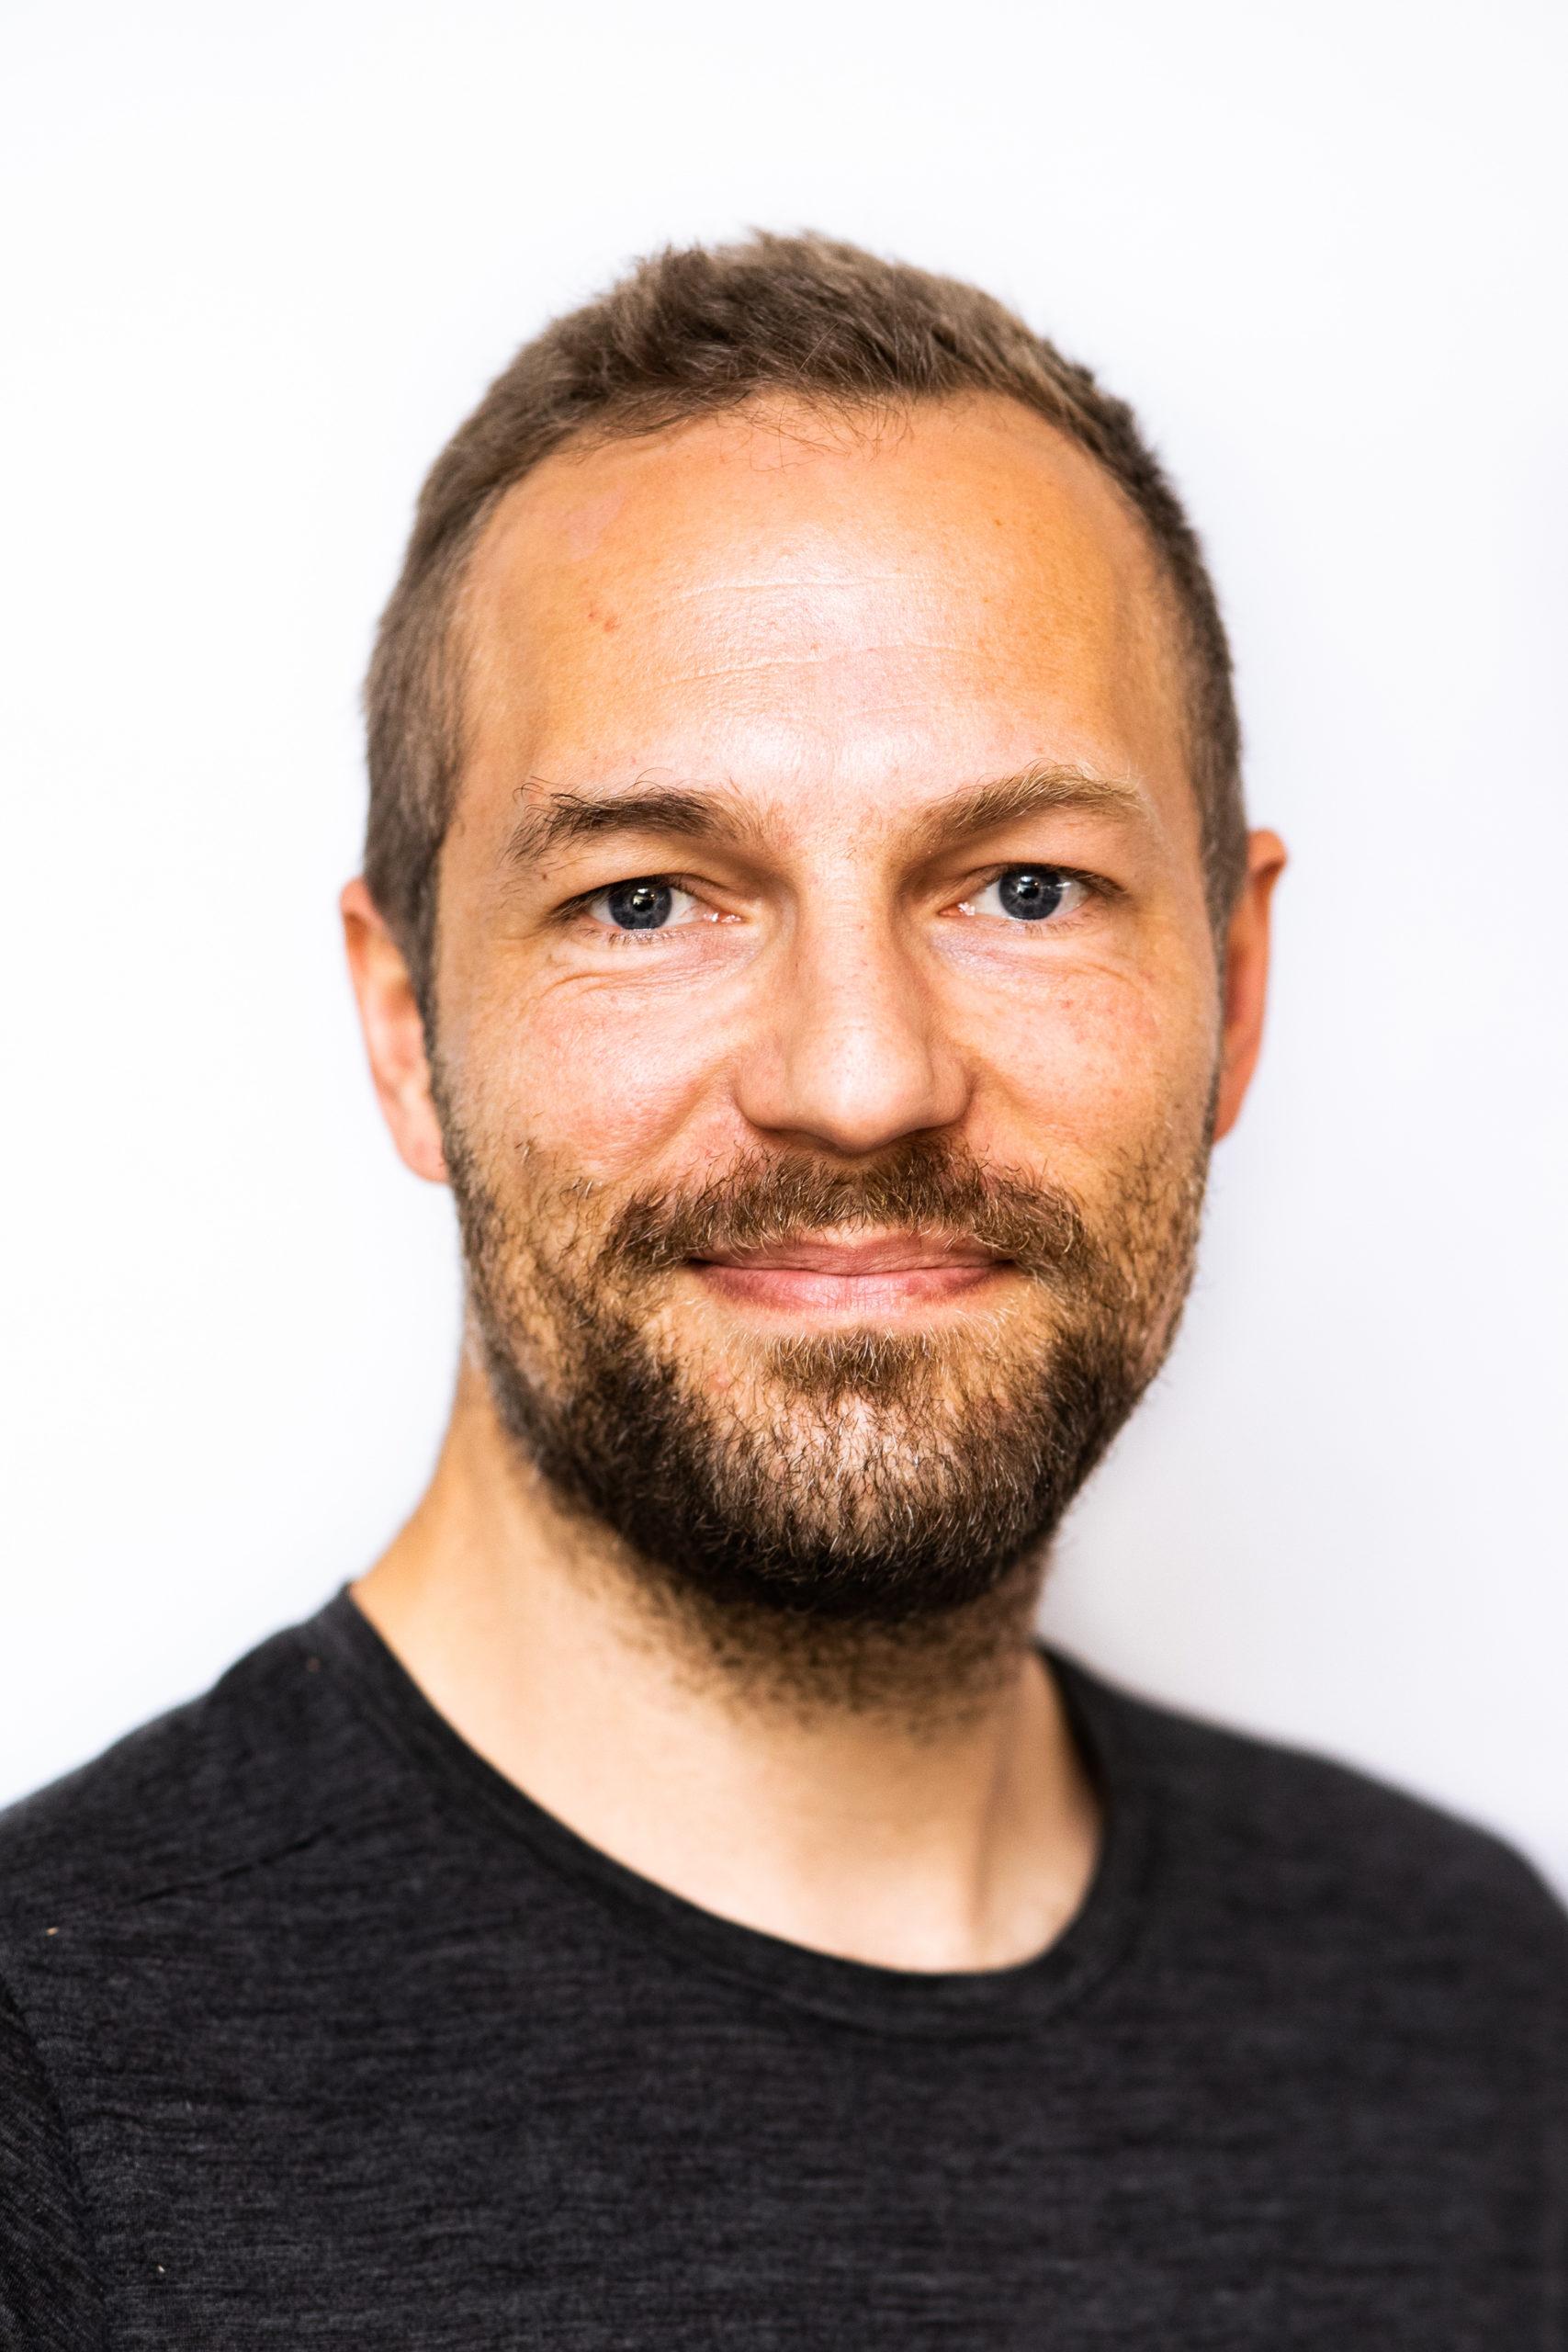 Michael Rinkovski